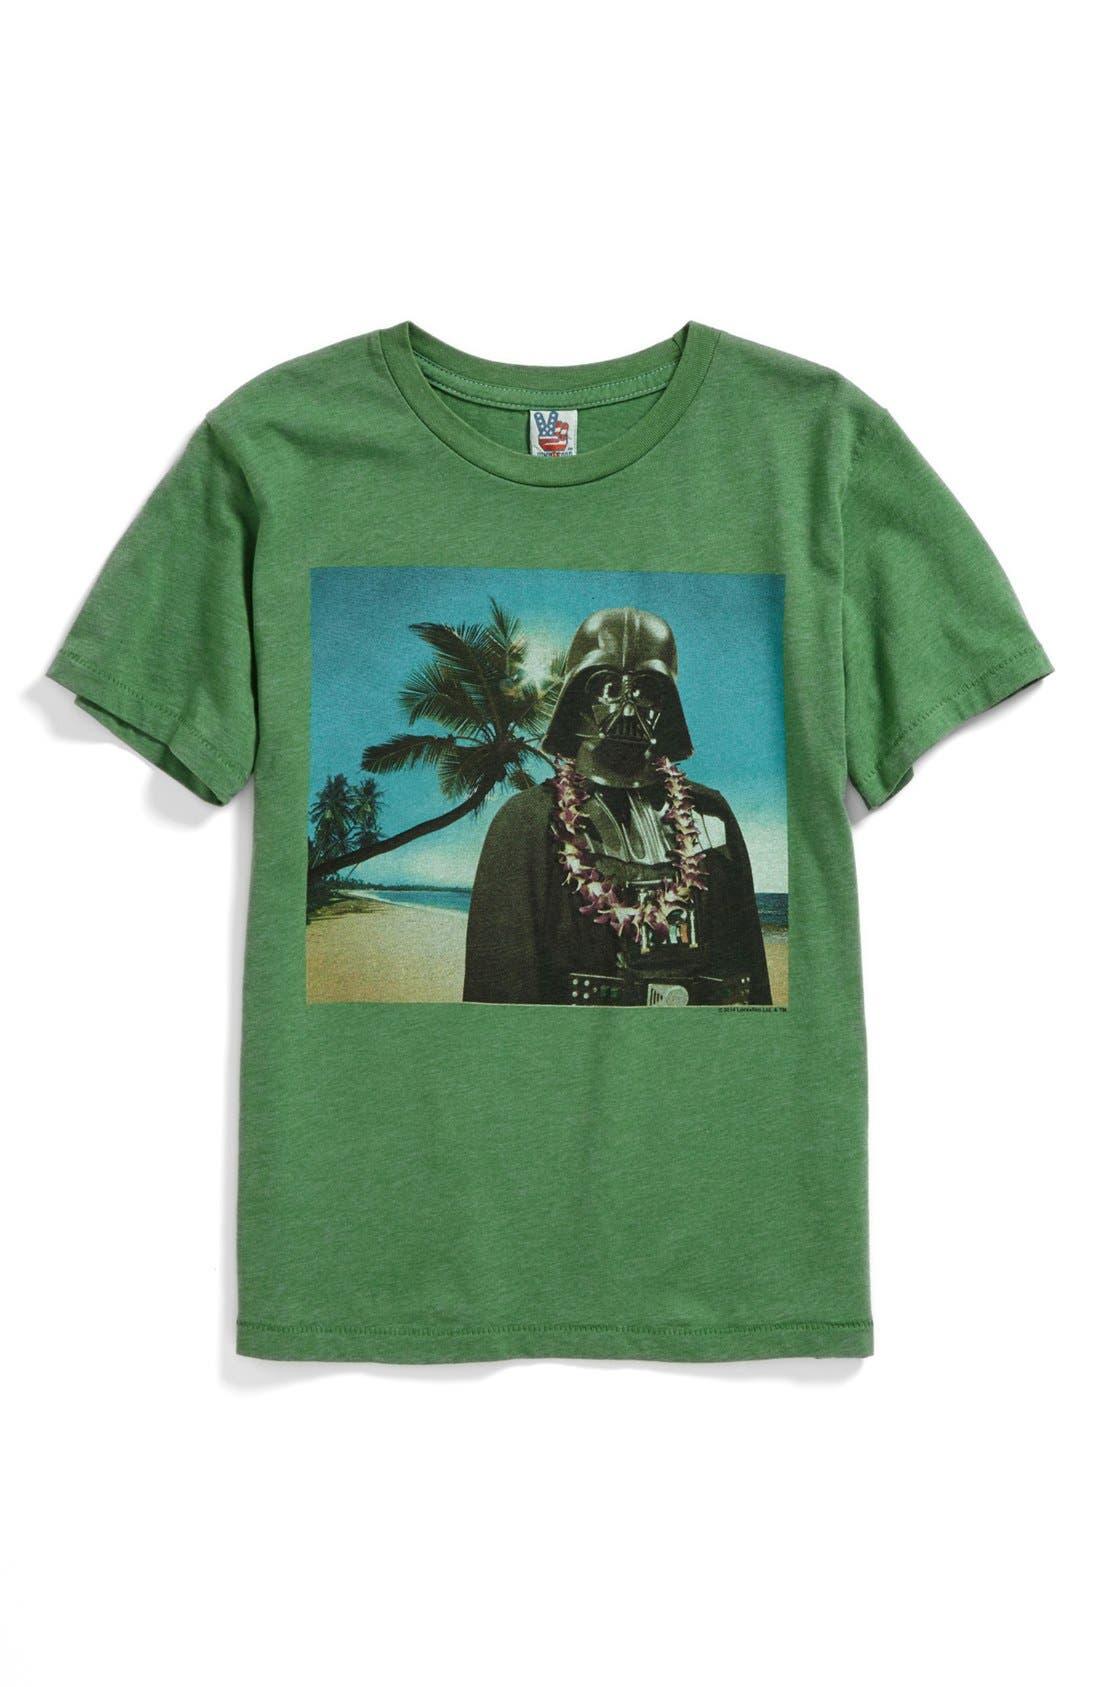 Main Image - Junk Food 'Vader Vacation' T-Shirt (Toddler Boys)